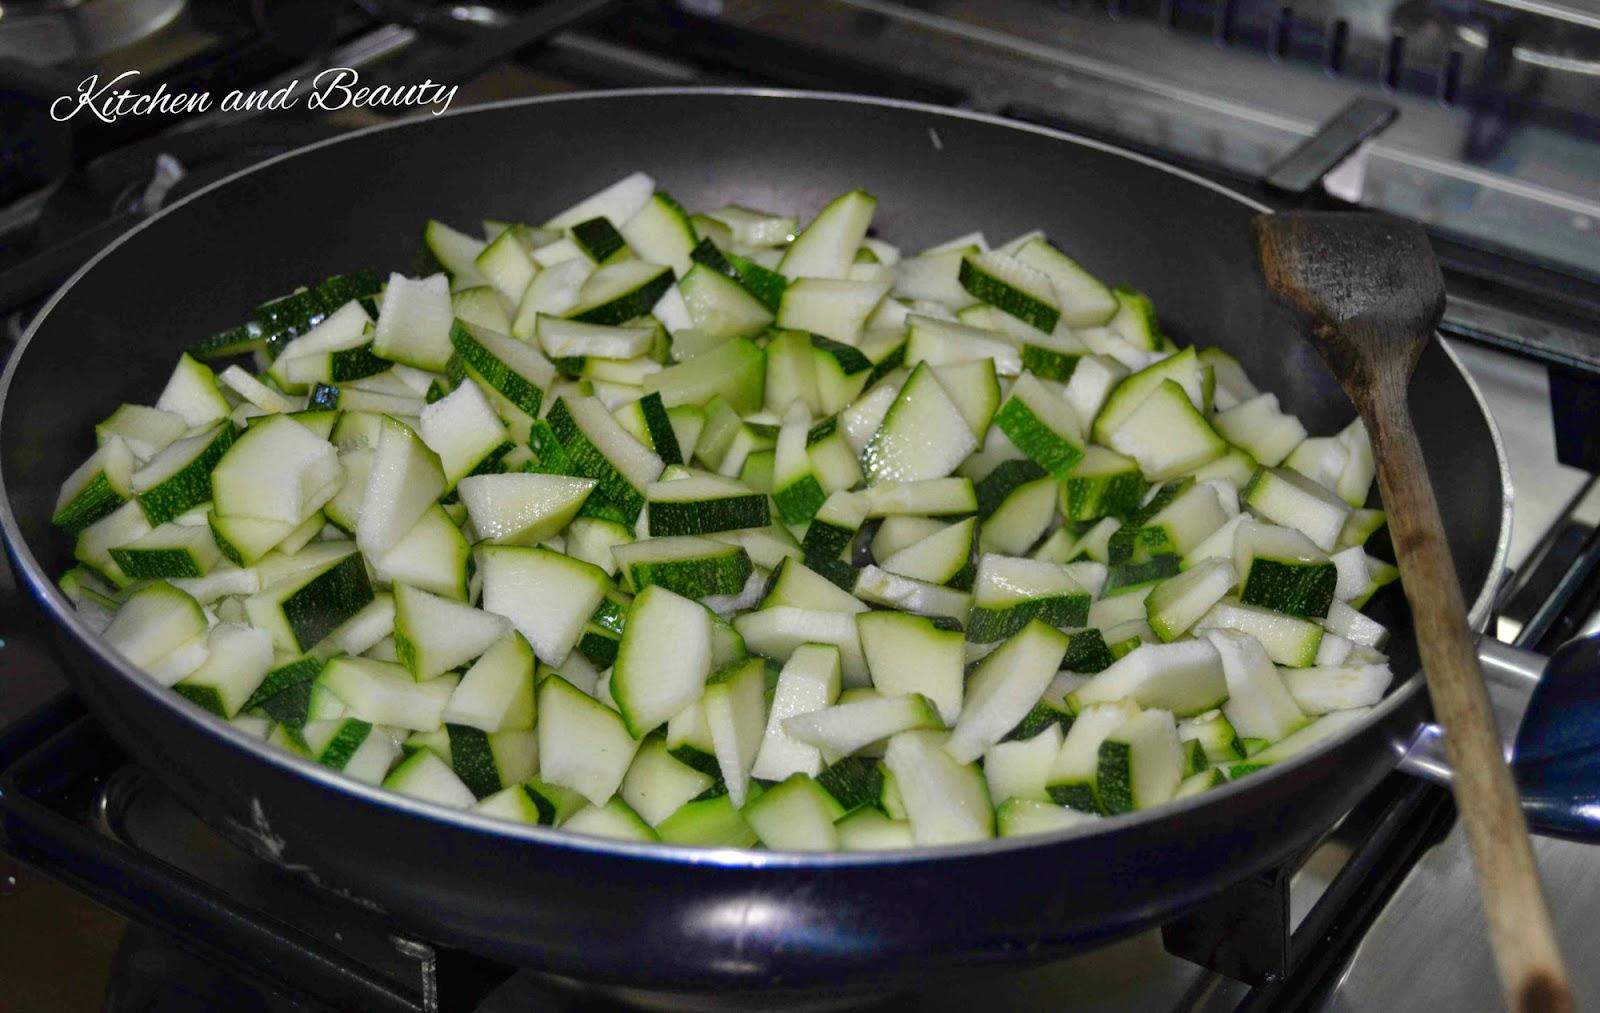 gigli panarese con crema di zucchine e prosciutto crudo.